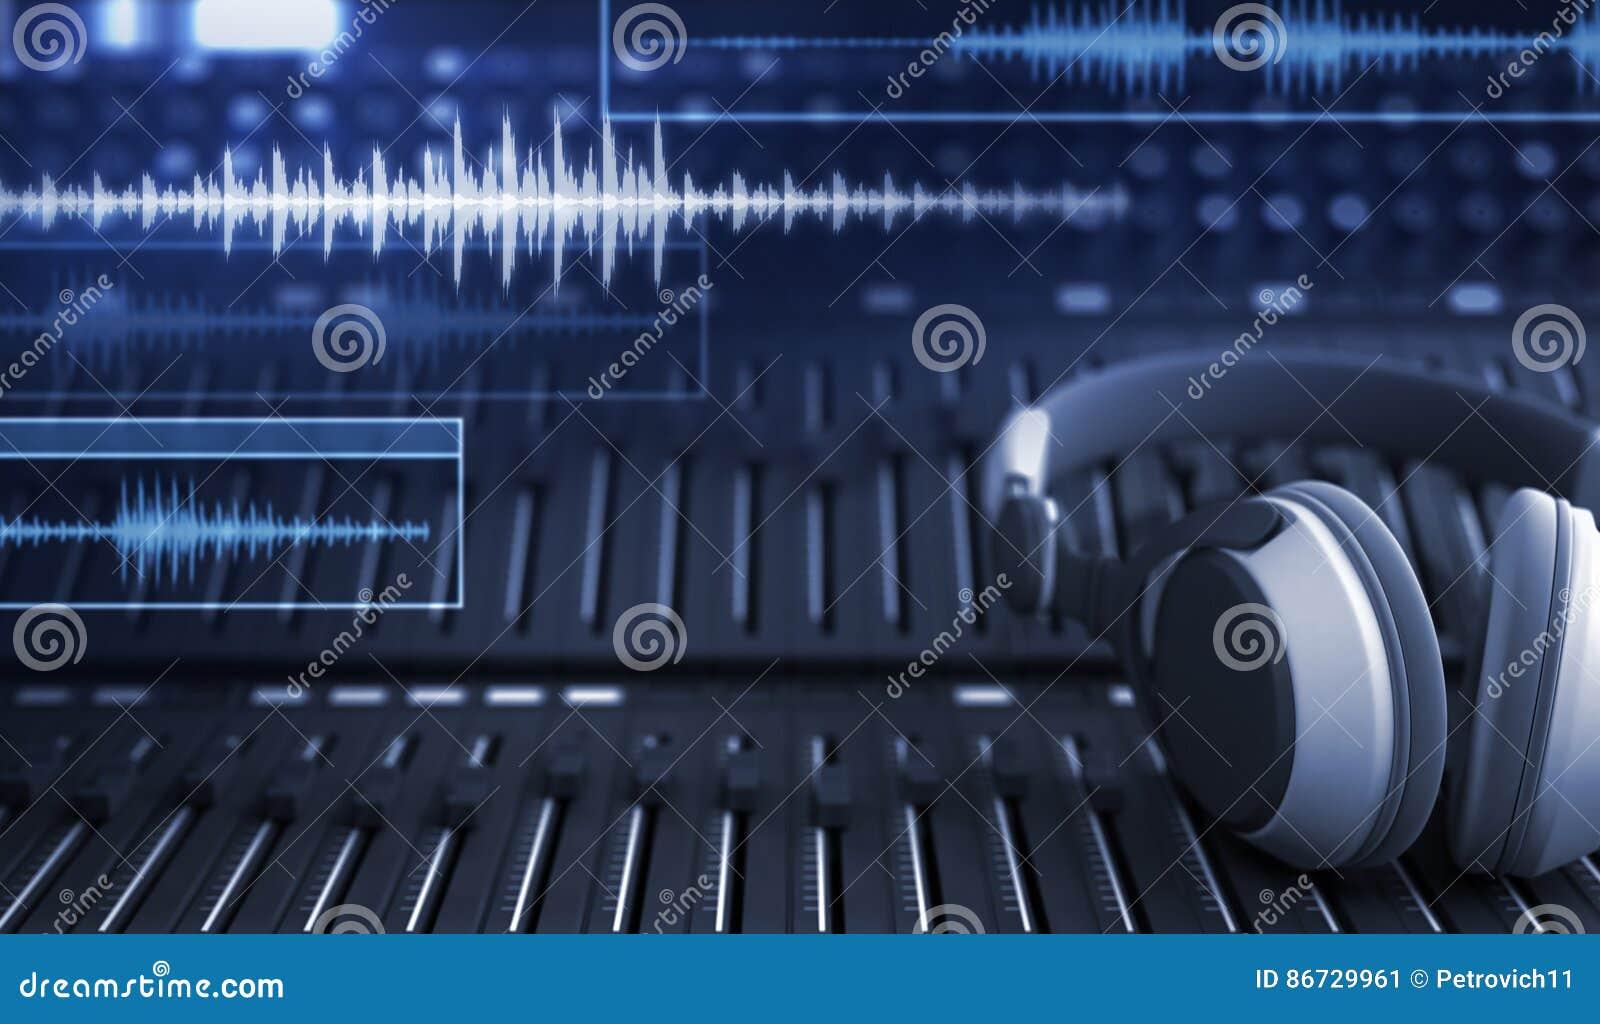 Auriculares y pistas de audio